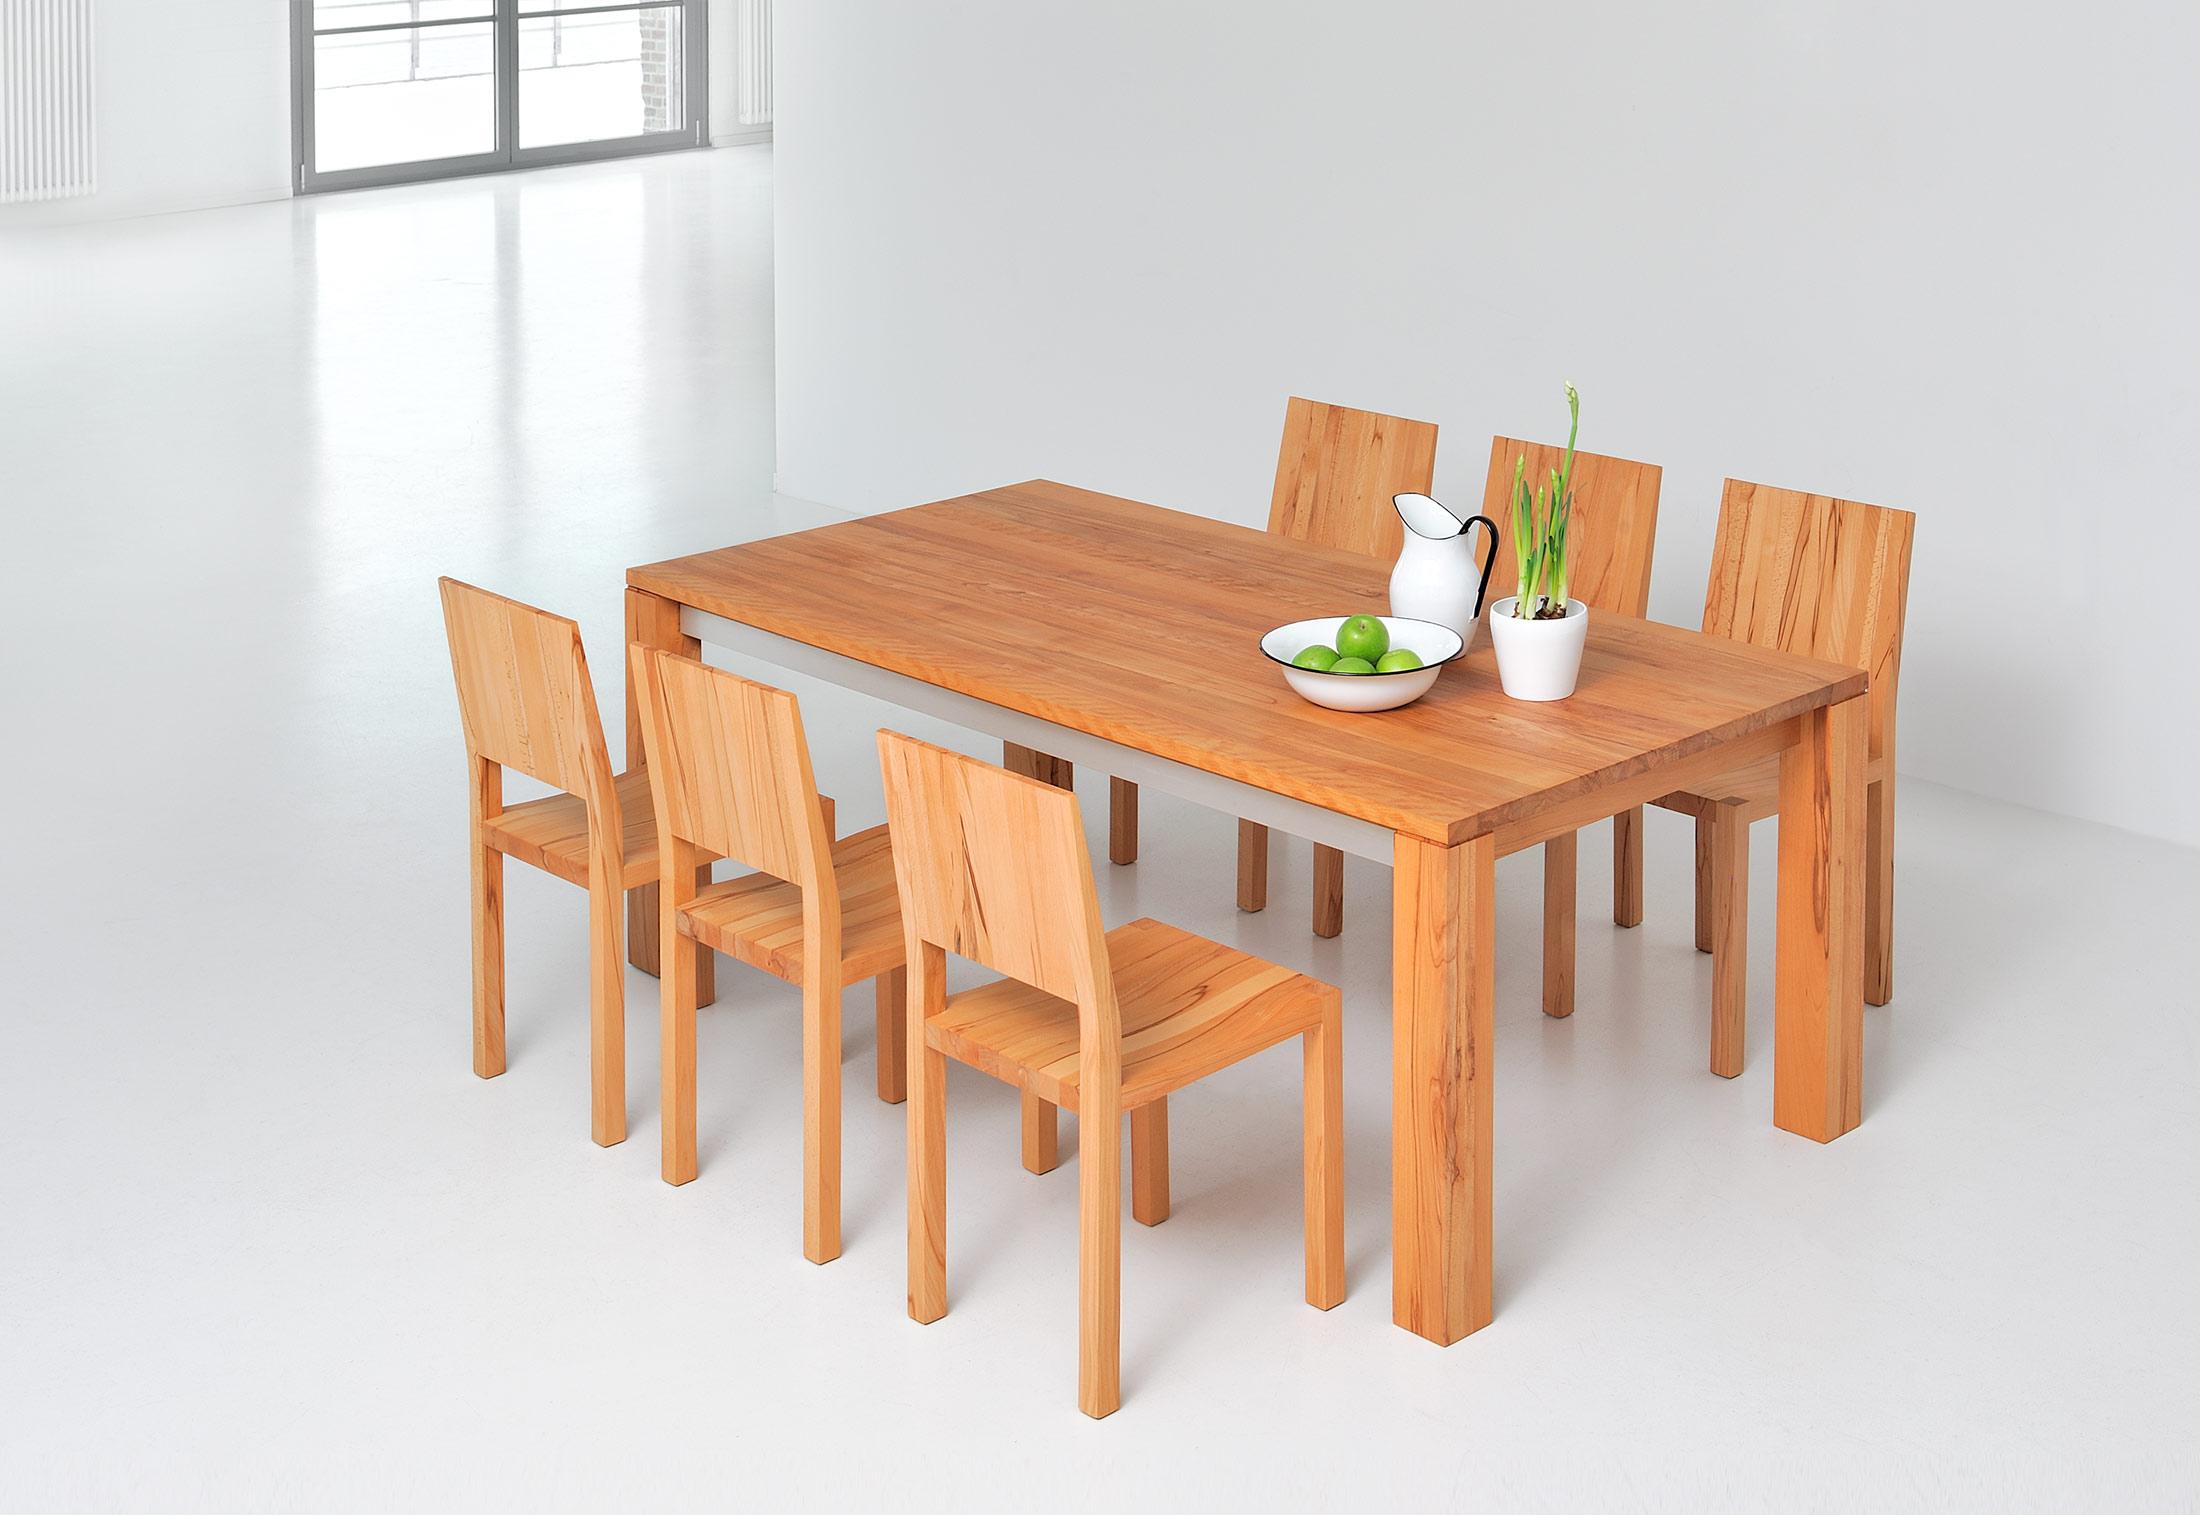 Amber tisch von vitamin design stylepark for Tisch go vitamin design